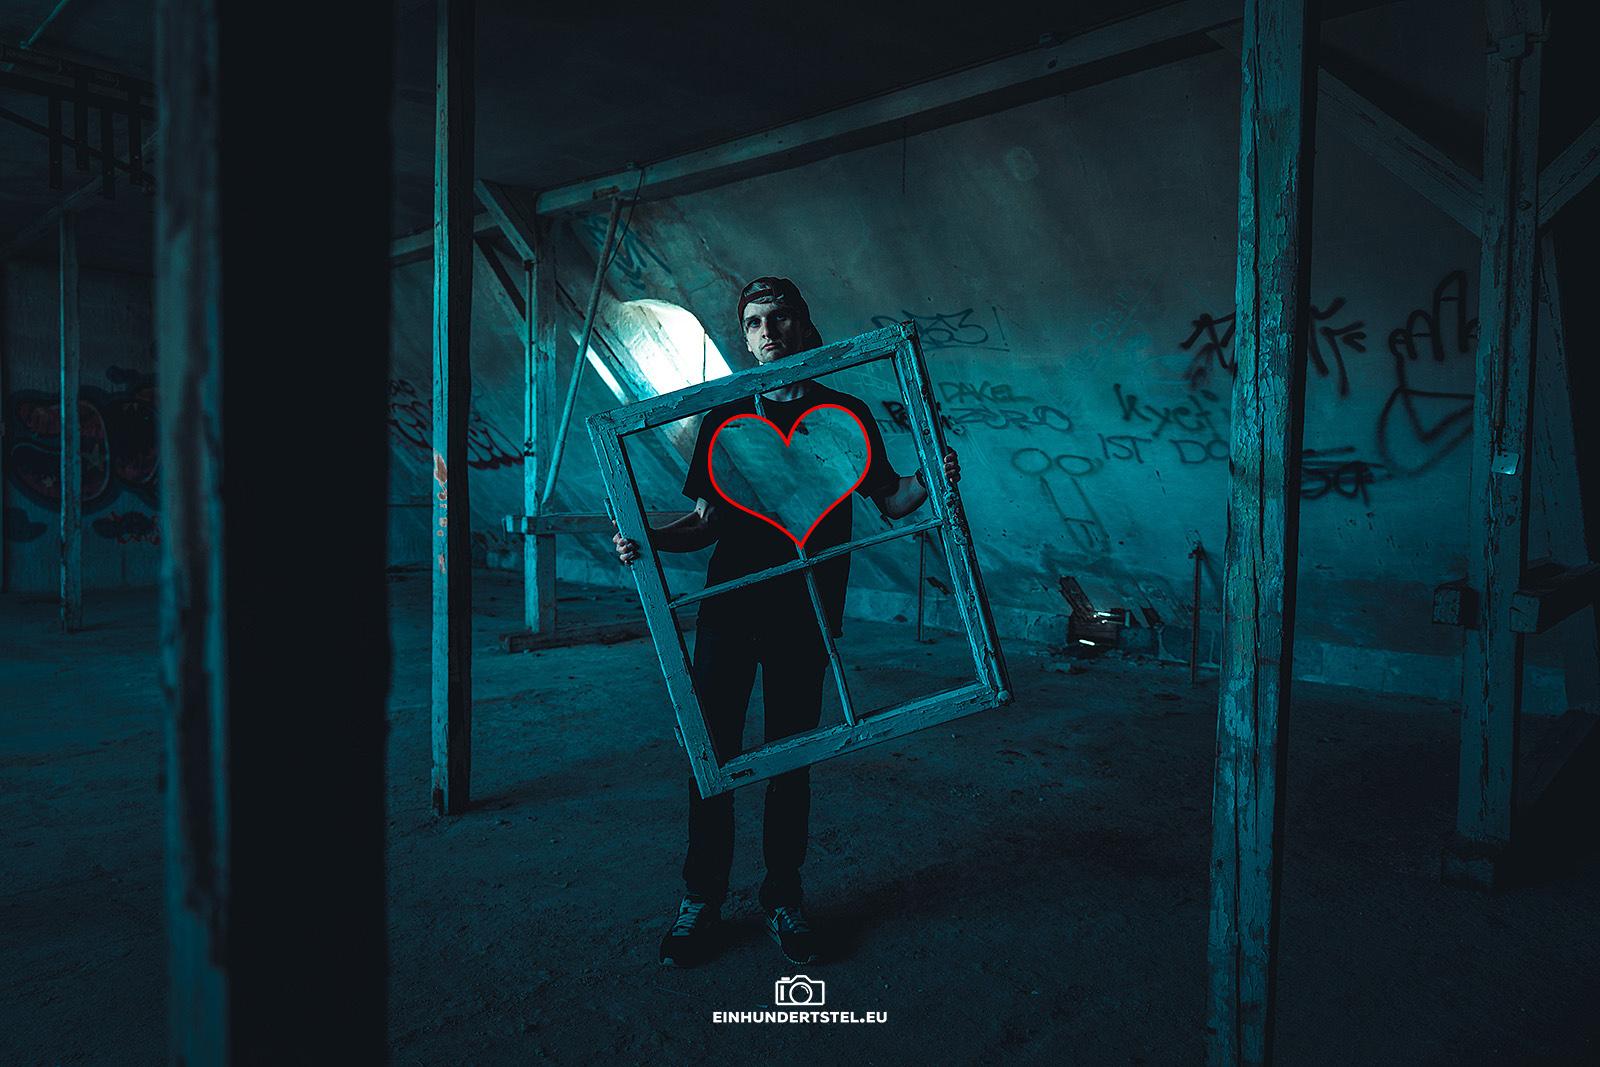 Eine Person steh in einem alten verlassen Haus und hält einen weißen Fensterrahmen in den Händen. Im Hintergrund scheint Licht durch ein Dachfenster.